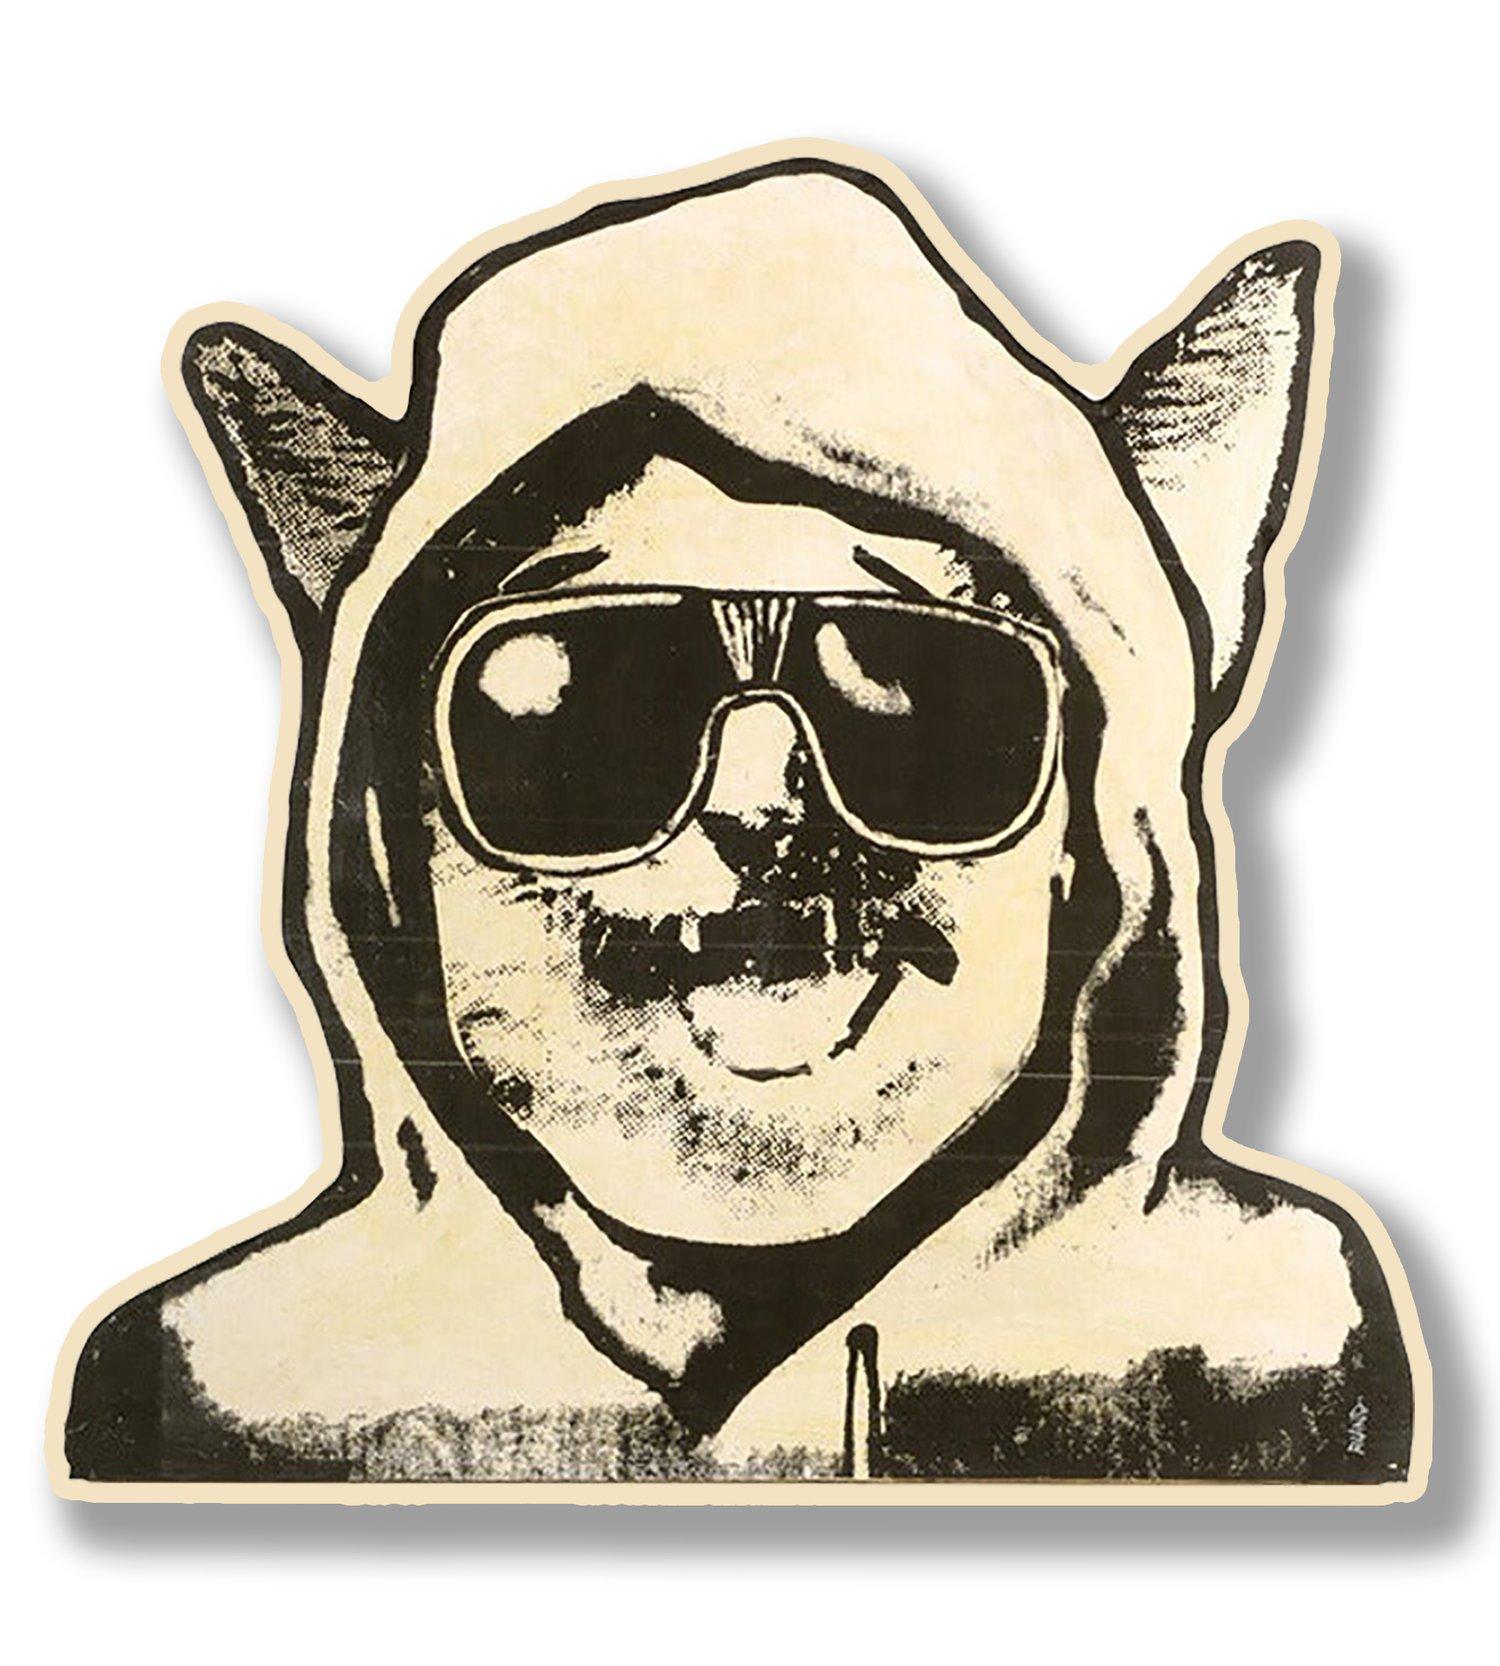 Image of Unaspeckles Print On Wood